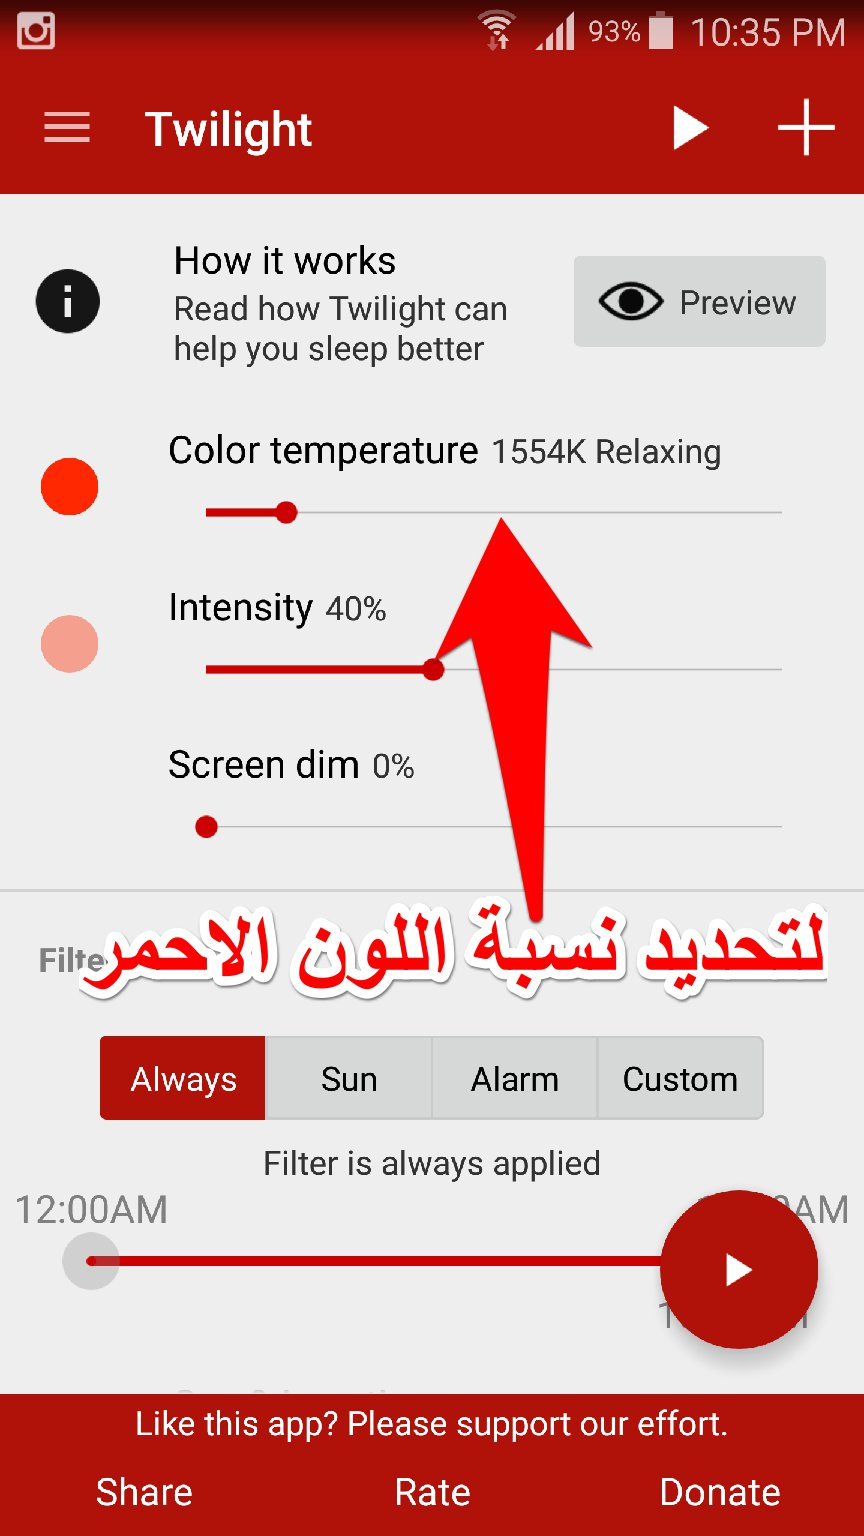 تعرف على تطبيق Twilight الذي يساعدك على النوم لساعة اضافية | بحرية درويد